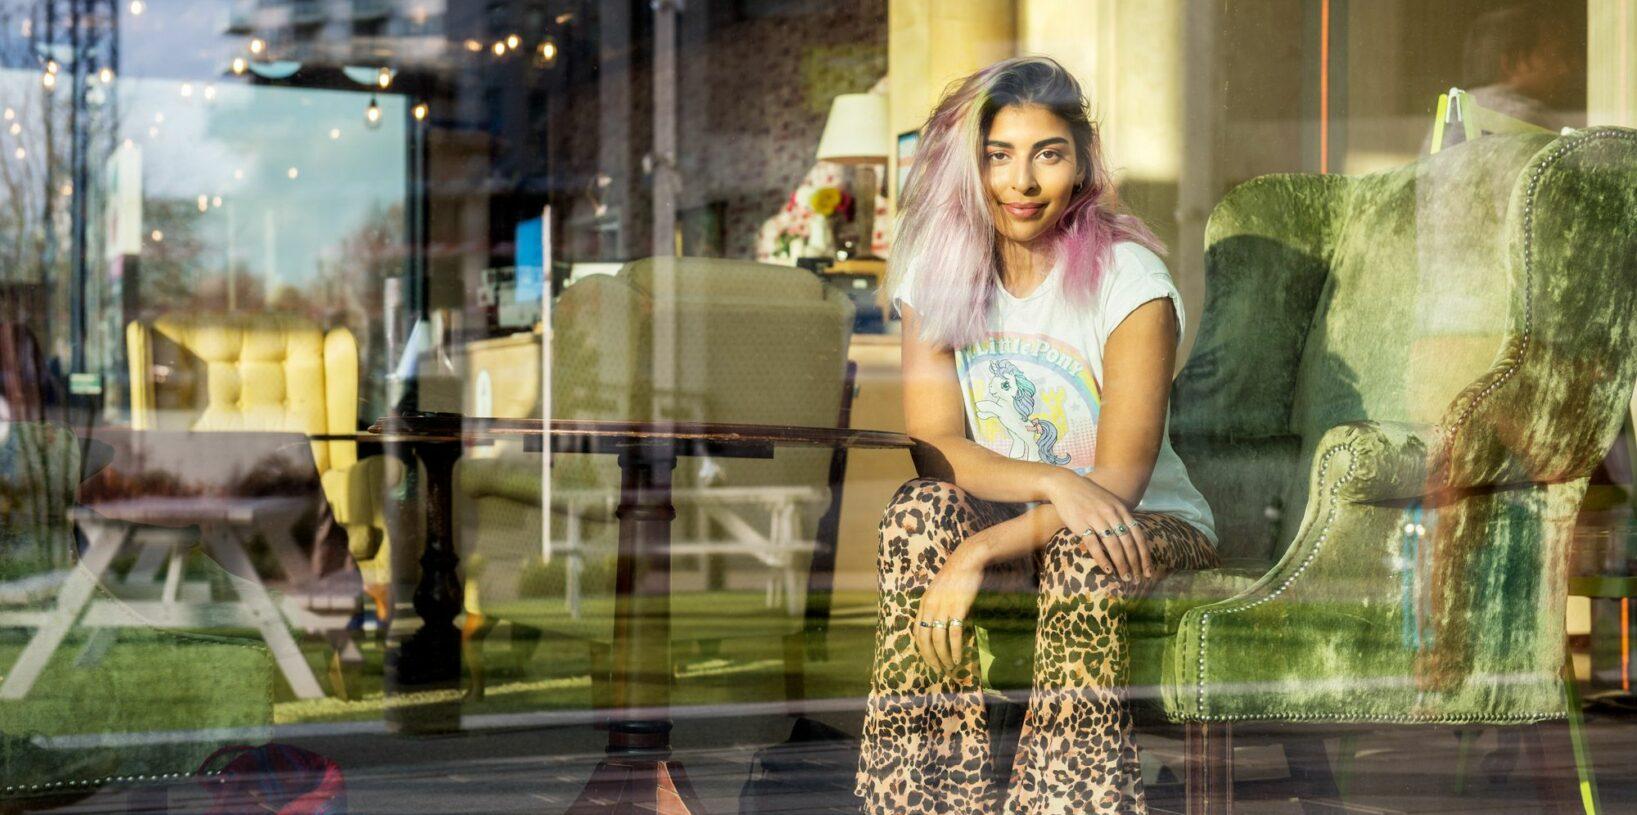 The artist, Mina Ansari